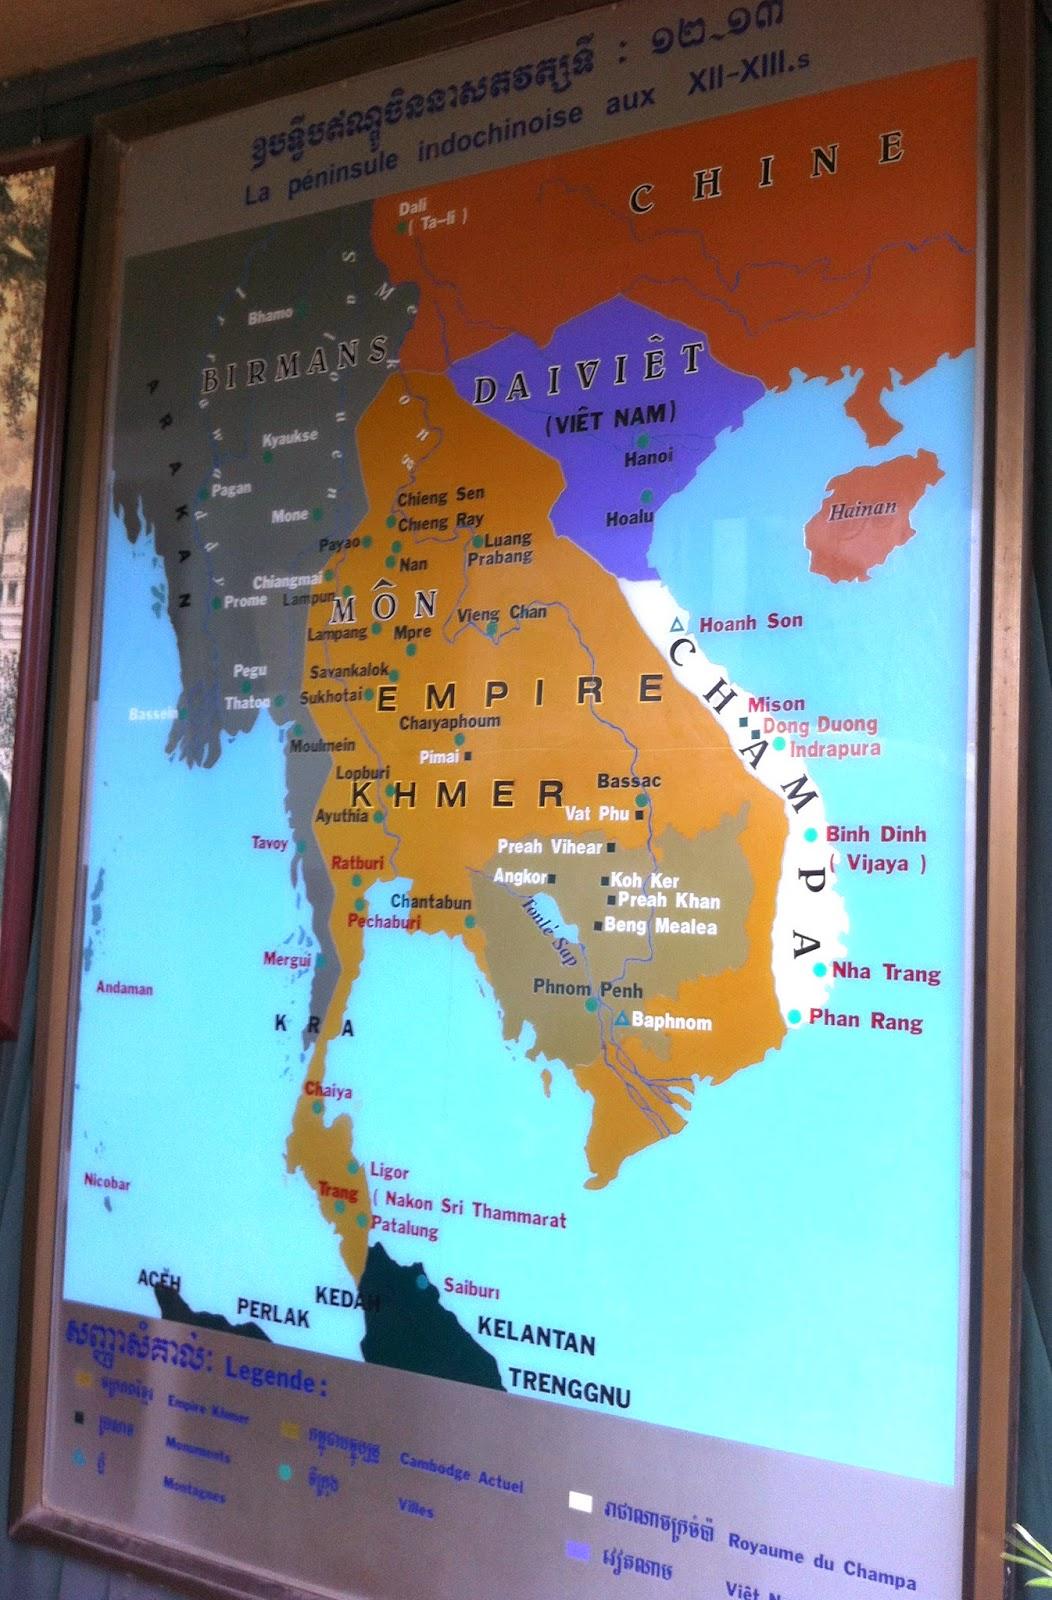 Lịch sử hình thành của miền nam Việt Nam